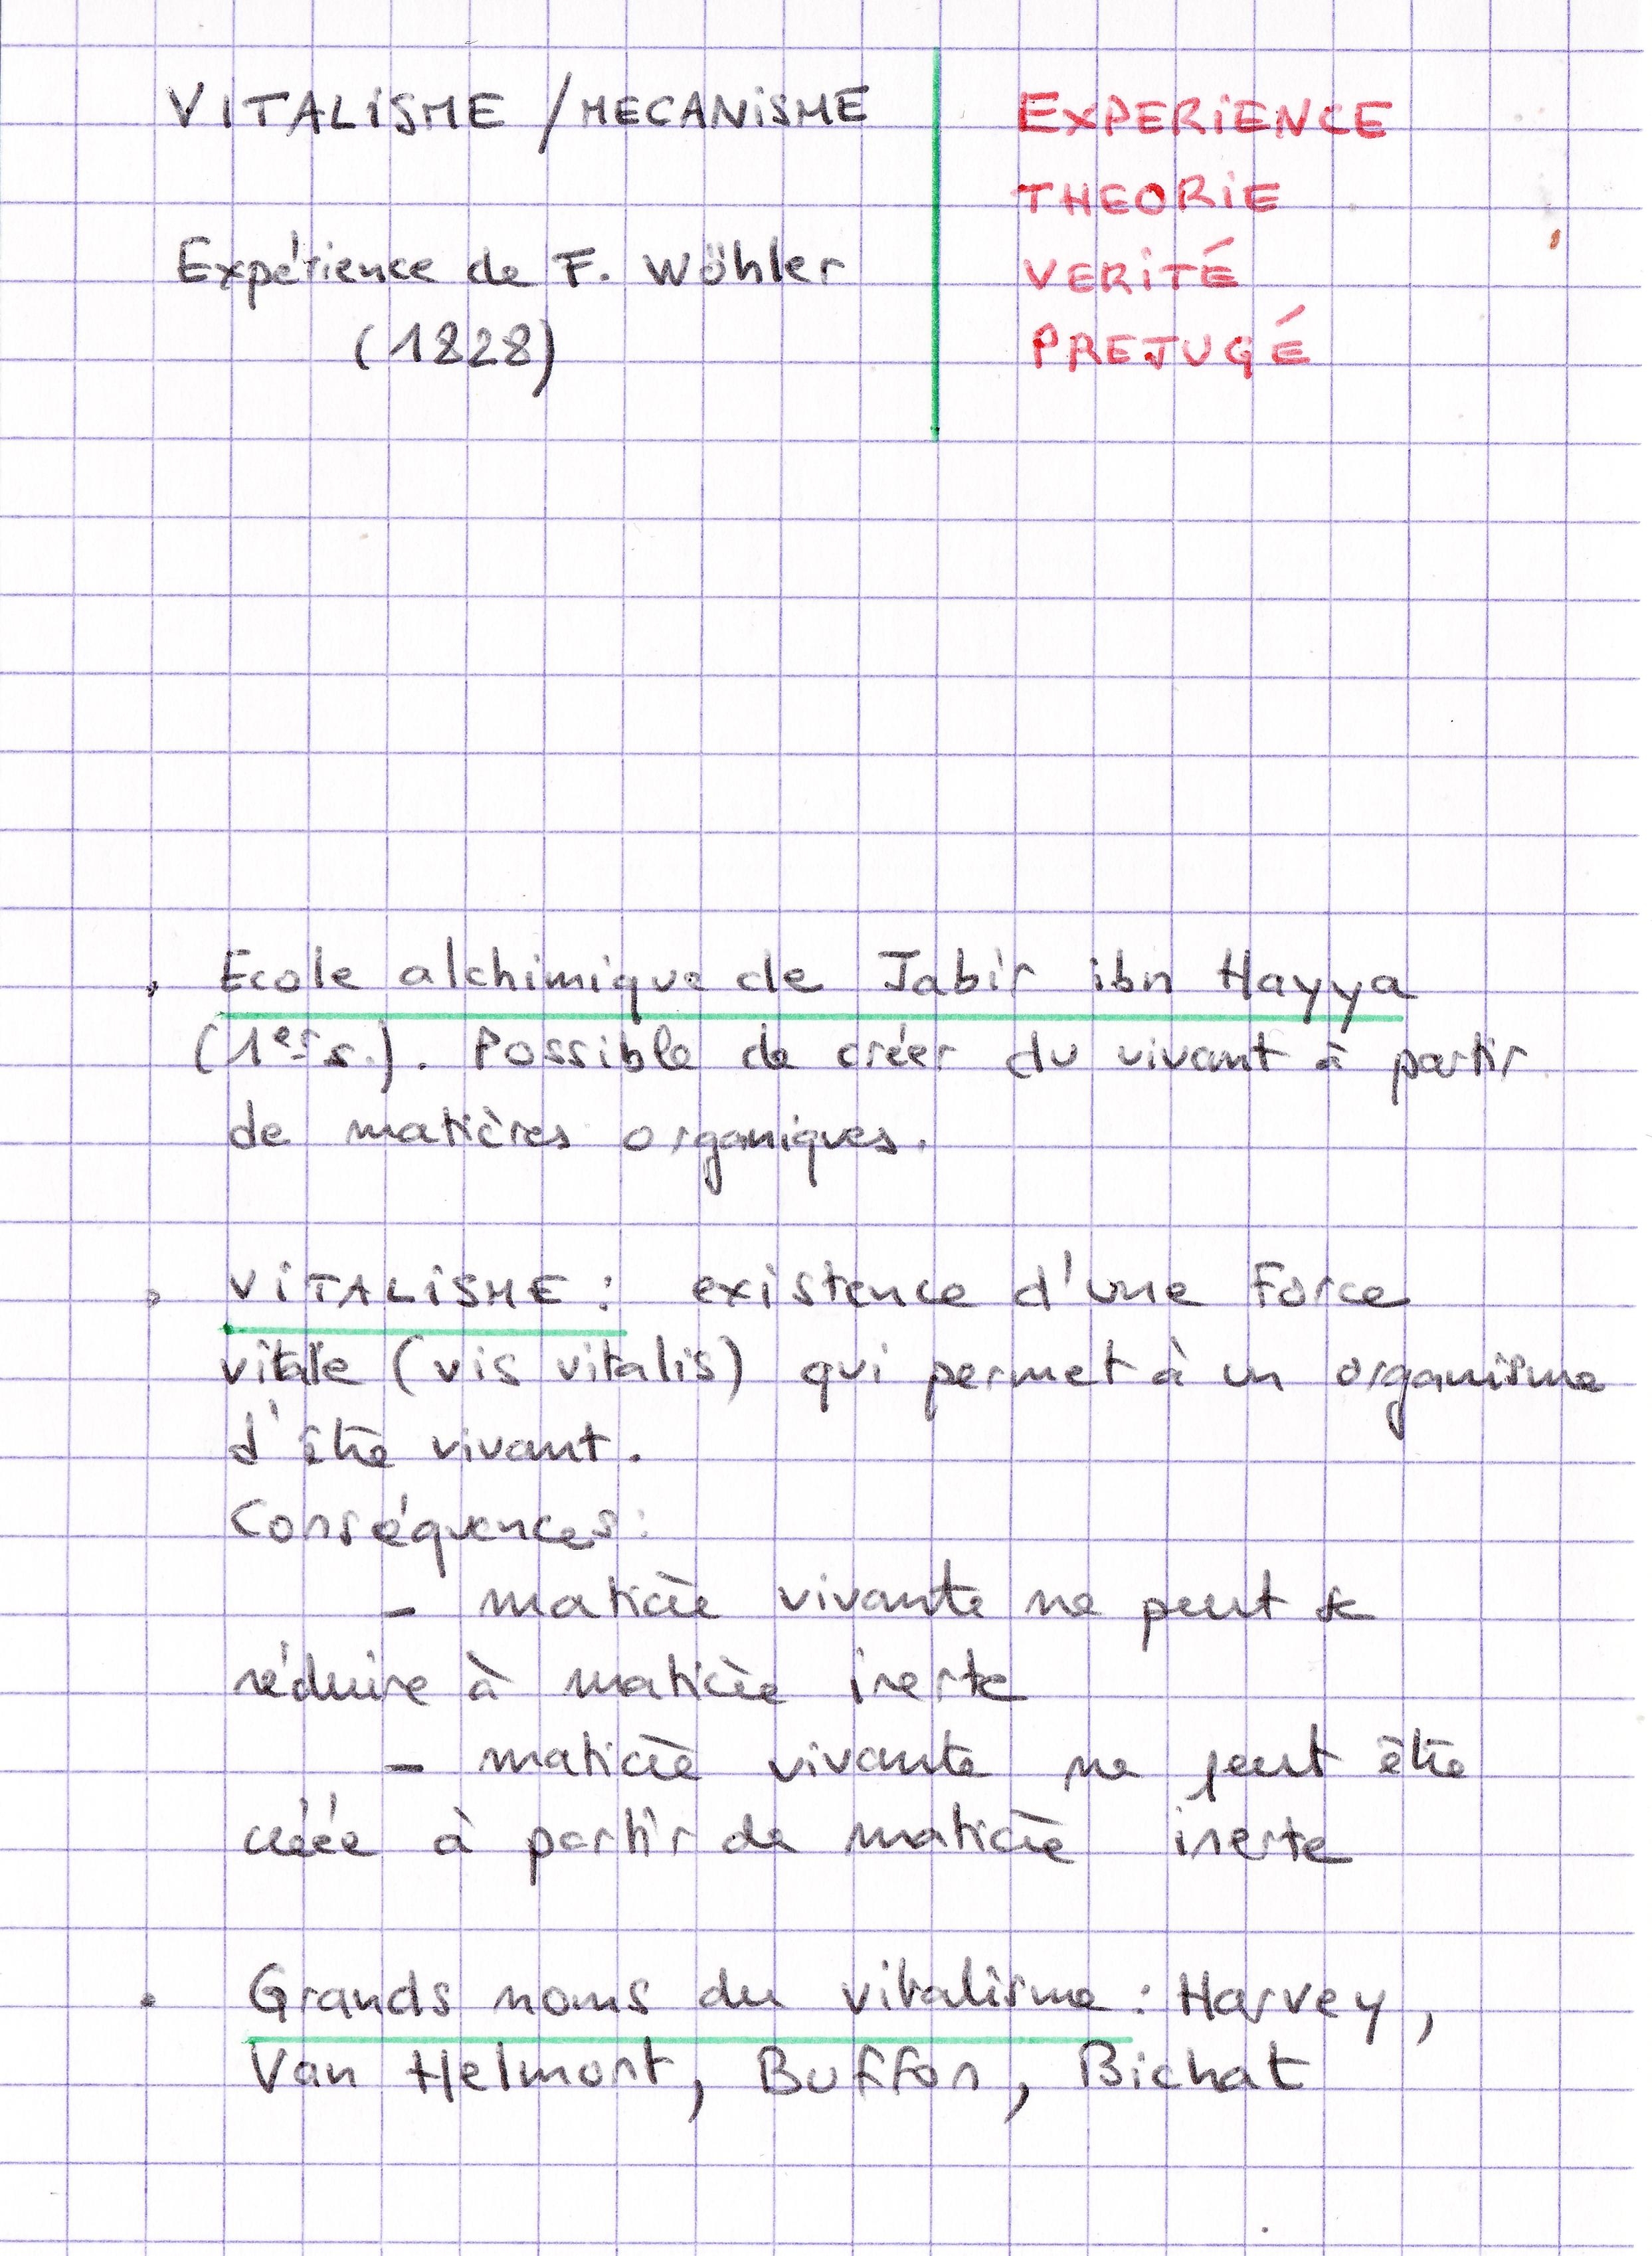 Exceptionnel La fiche de lecture : sa conception et son utilisation - ephilo JA63